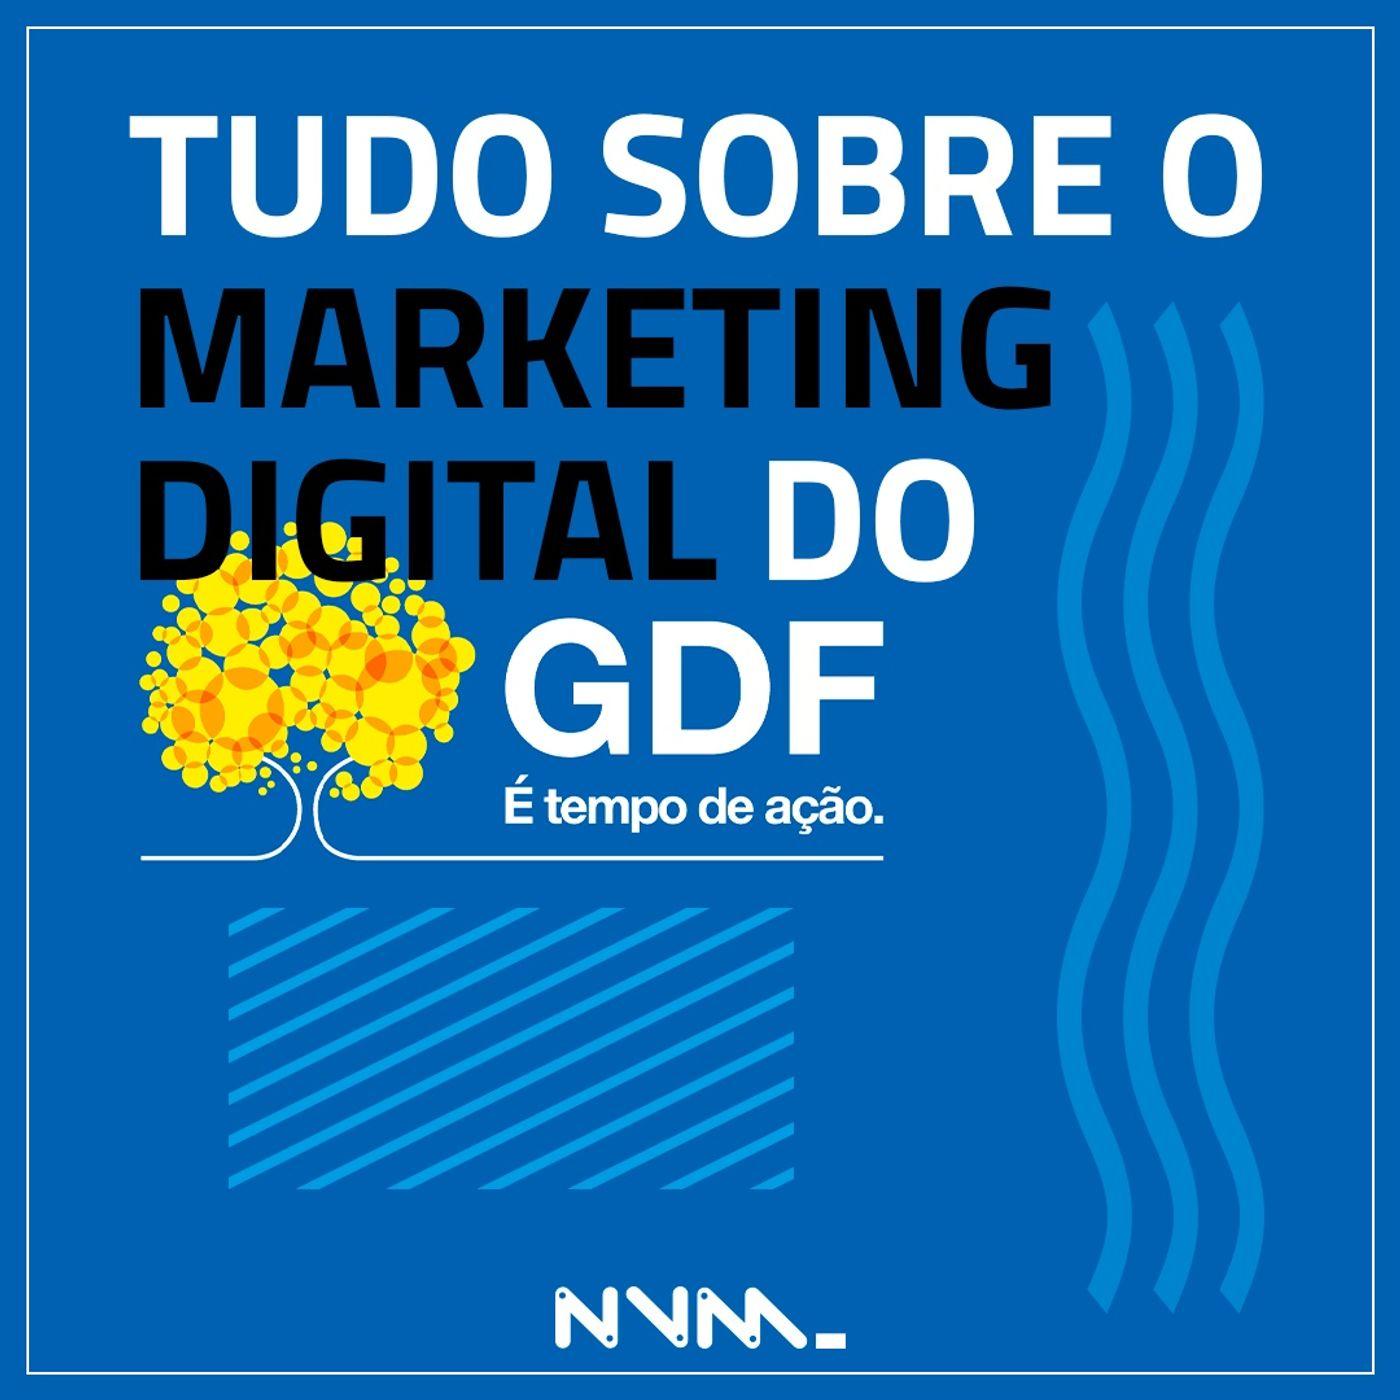 #02 Tudo sobre a nova comunicação digital do Governo do Distrito Federal